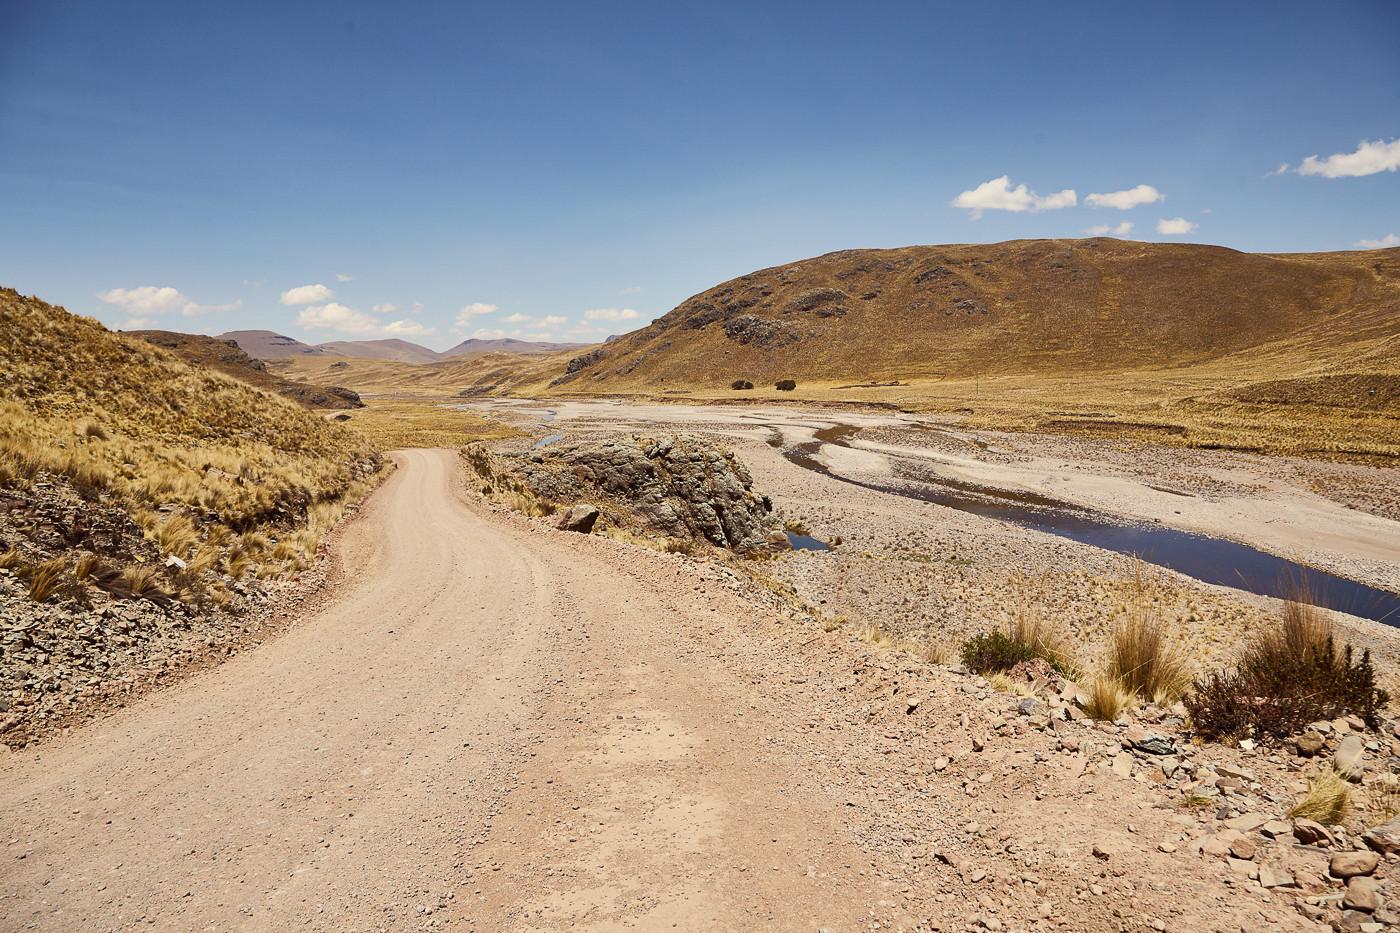 Schotterstraßen sind in Peru noch Gang und Gebe. Allerdings sind die Hauptstraßen mittlerweile sehr gut ausgebaut und eigentlich fast überall asphaltiert. Verlässt man diese allerdings, sieht es gleich ganz anders aus.